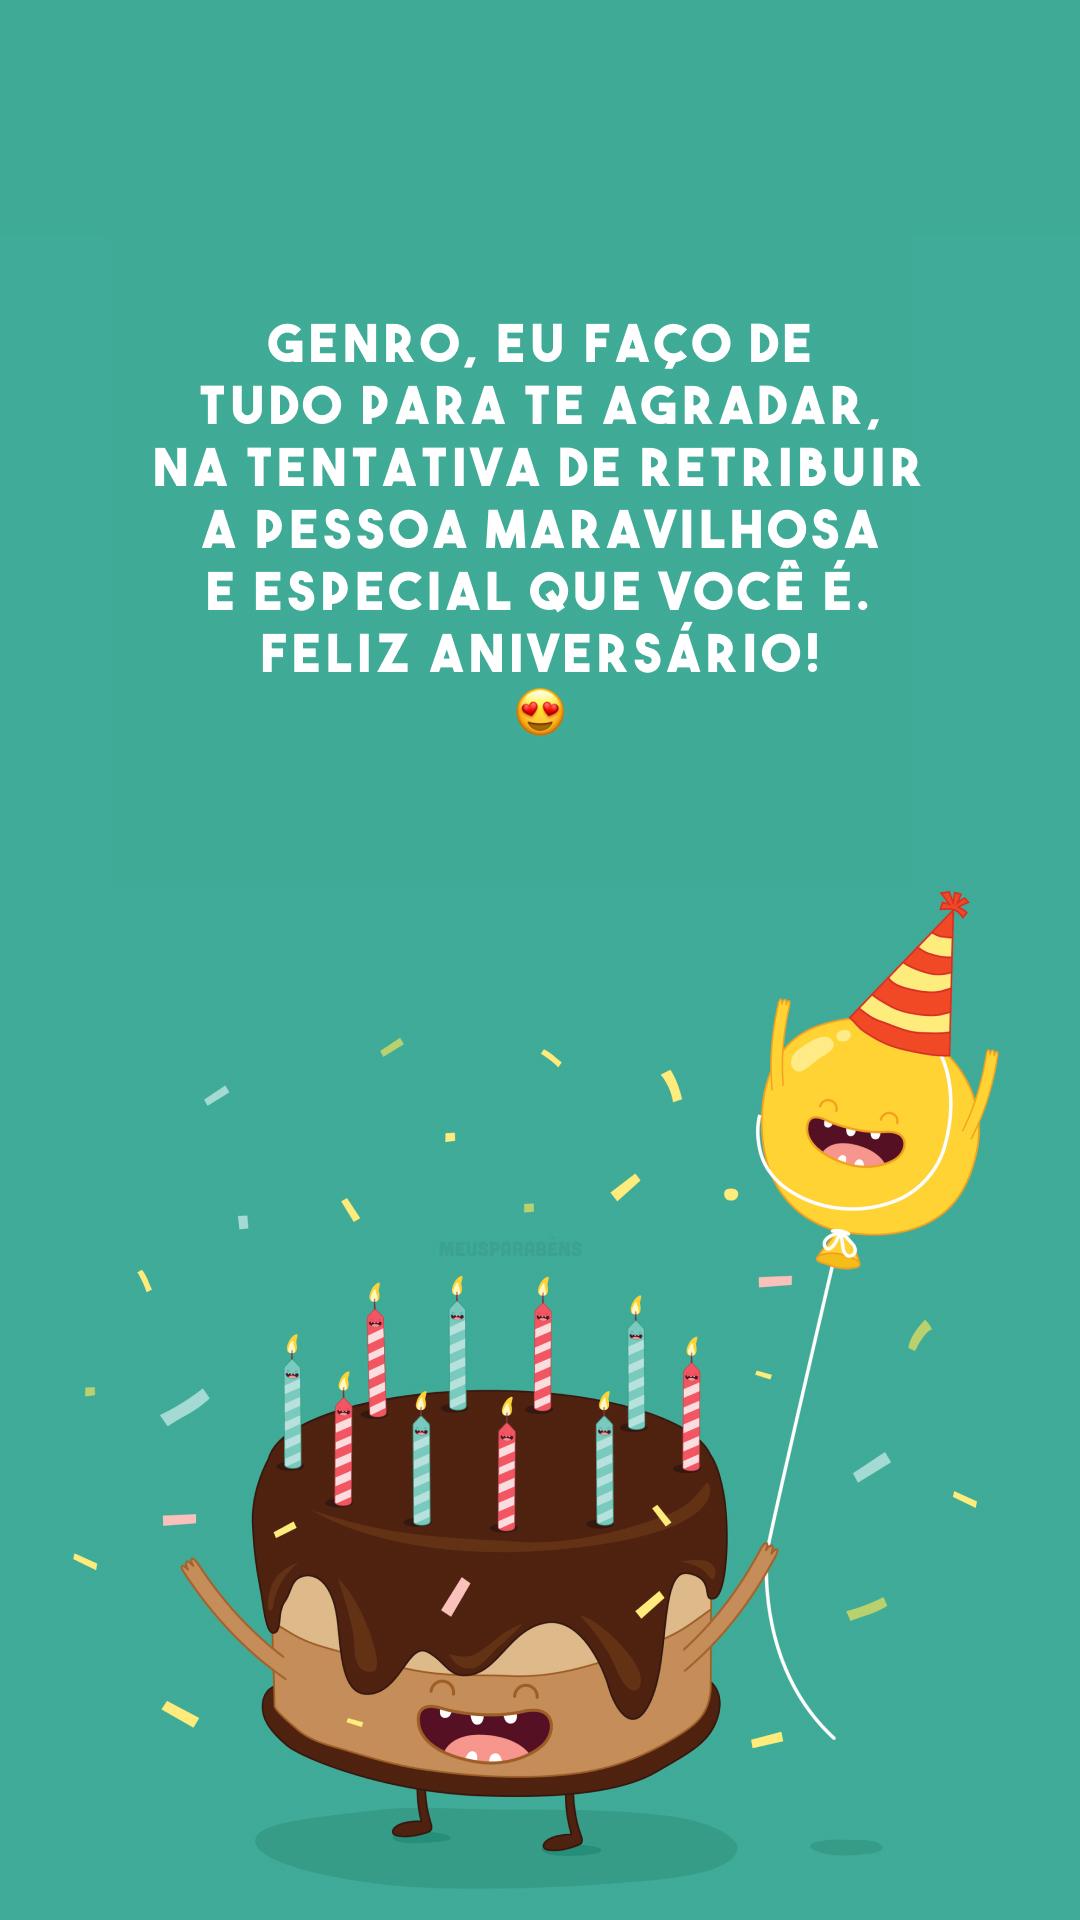 Genro, eu faço de tudo para te agradar, na tentativa de retribuir a pessoa maravilhosa e especial que você é. Feliz aniversário! 😍